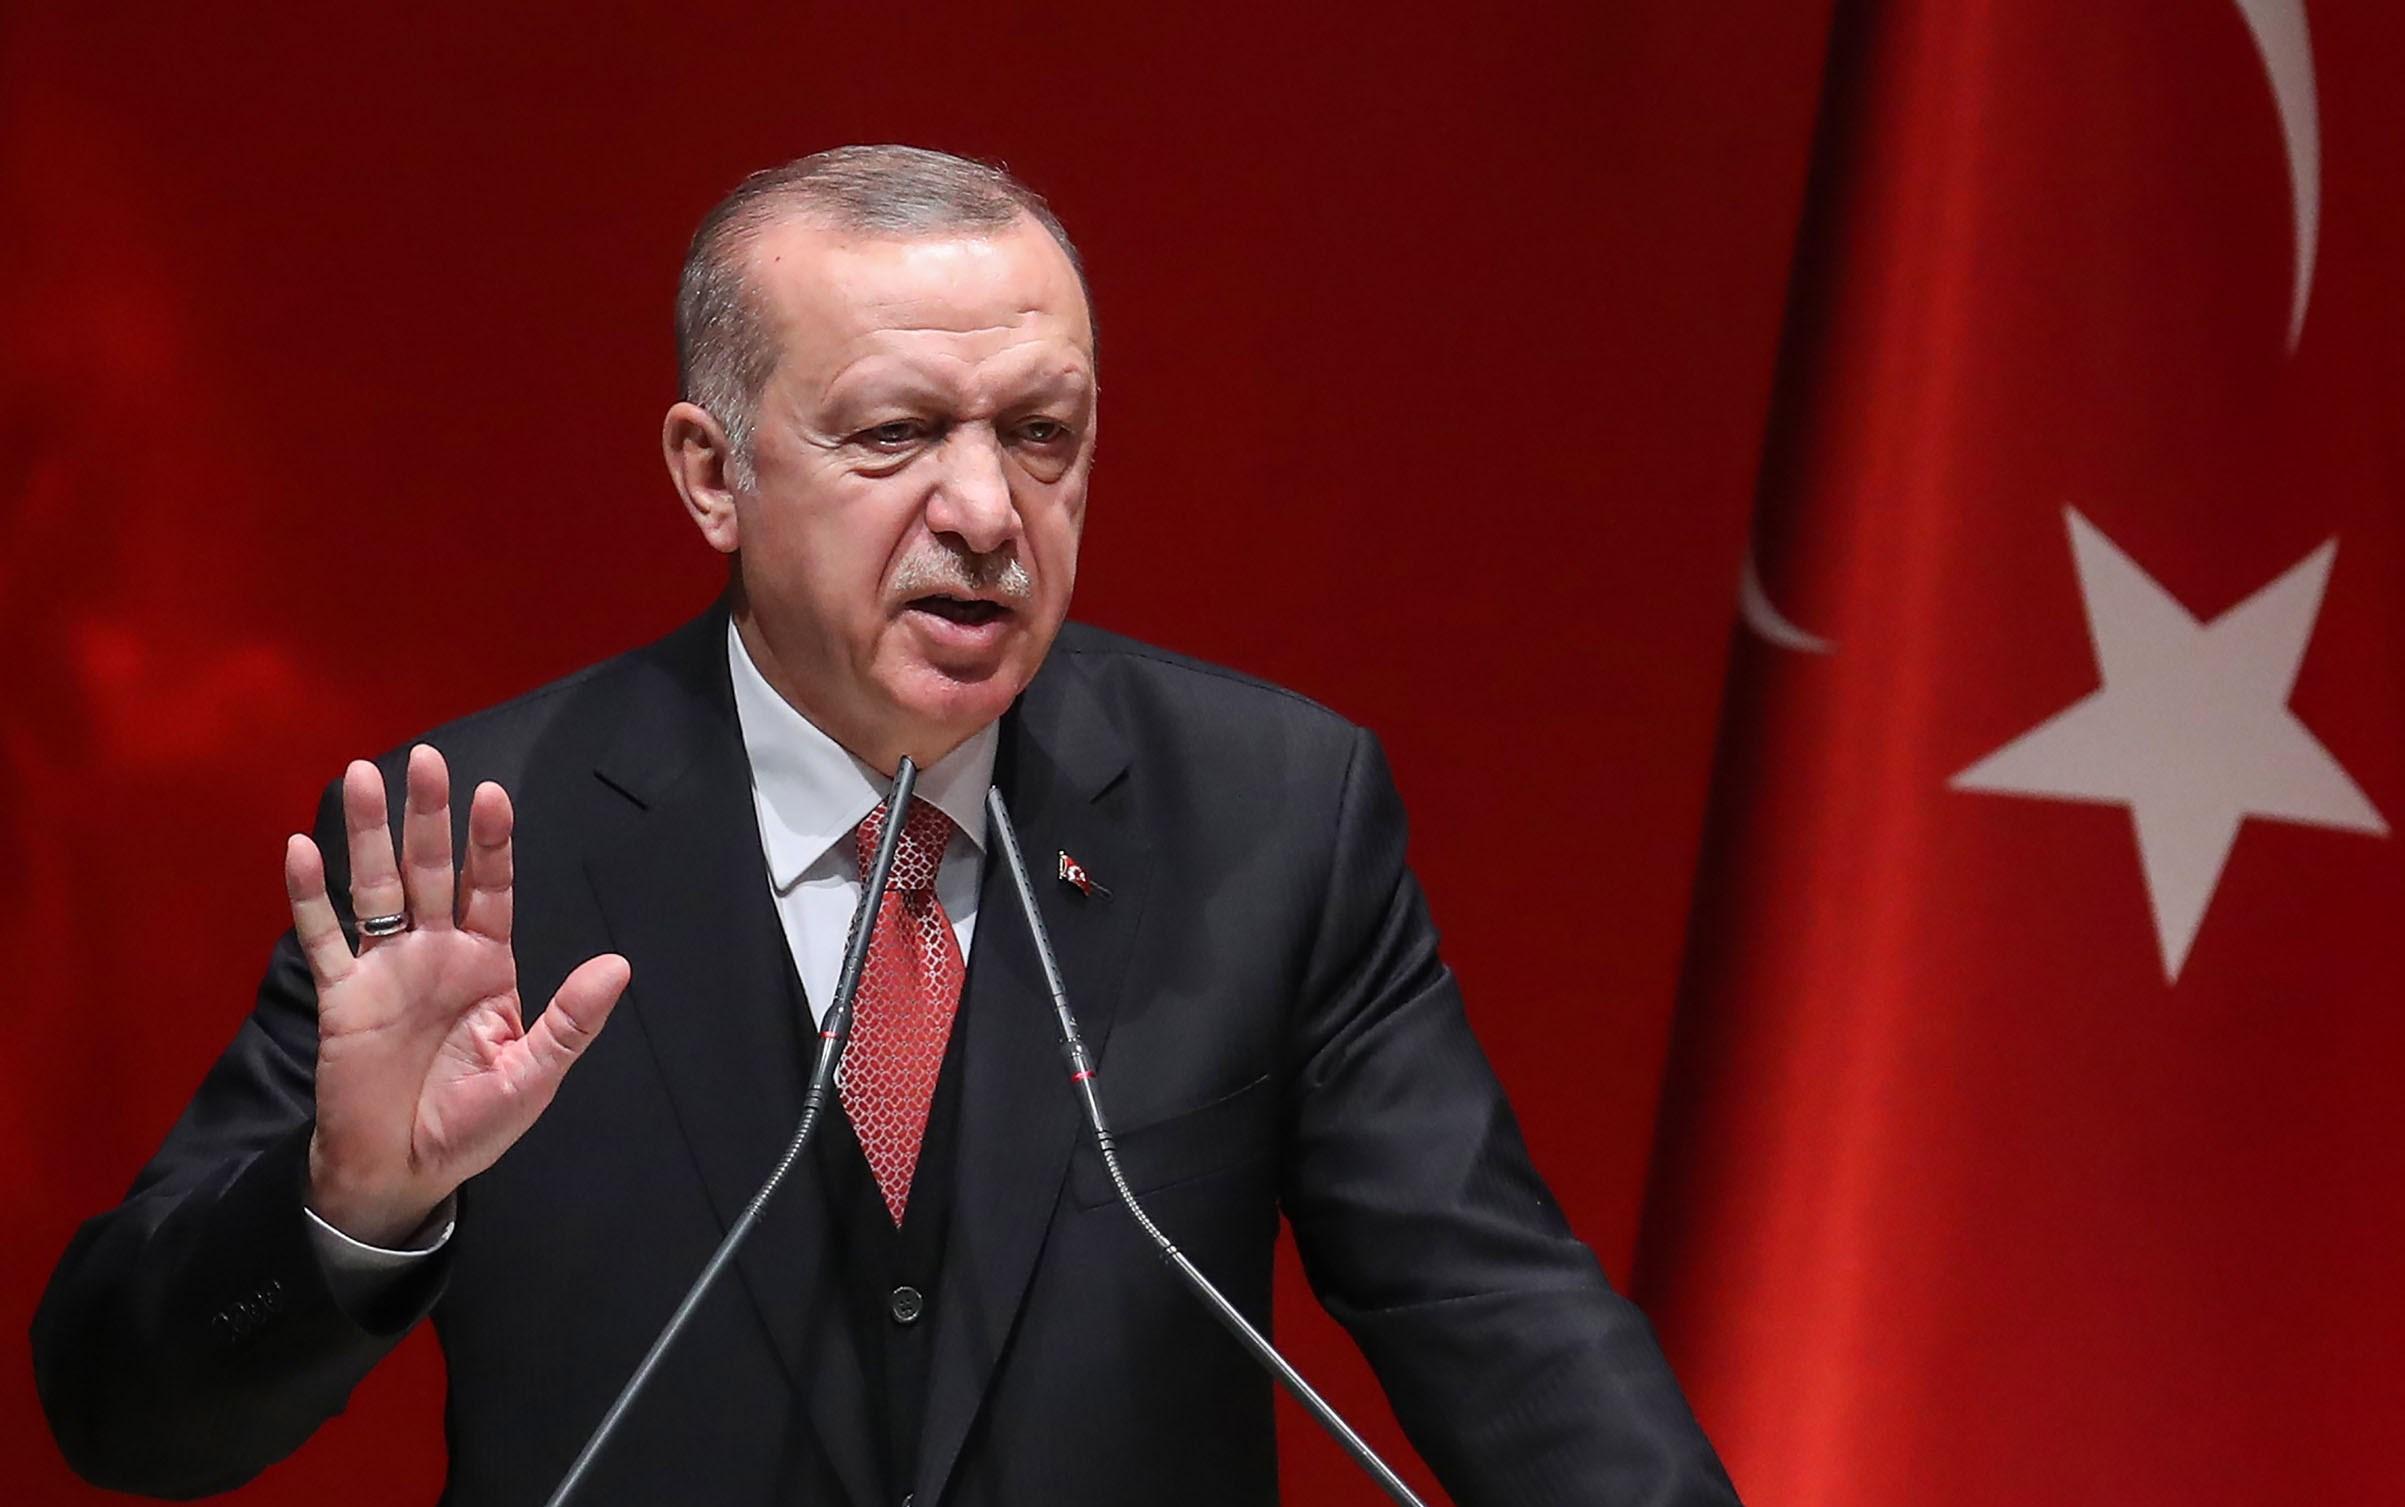 أردوغان: نسعى لتحتل تركيا مكانه تستحقها في النظام العالمي الذي سيتشكل بعد الوباء